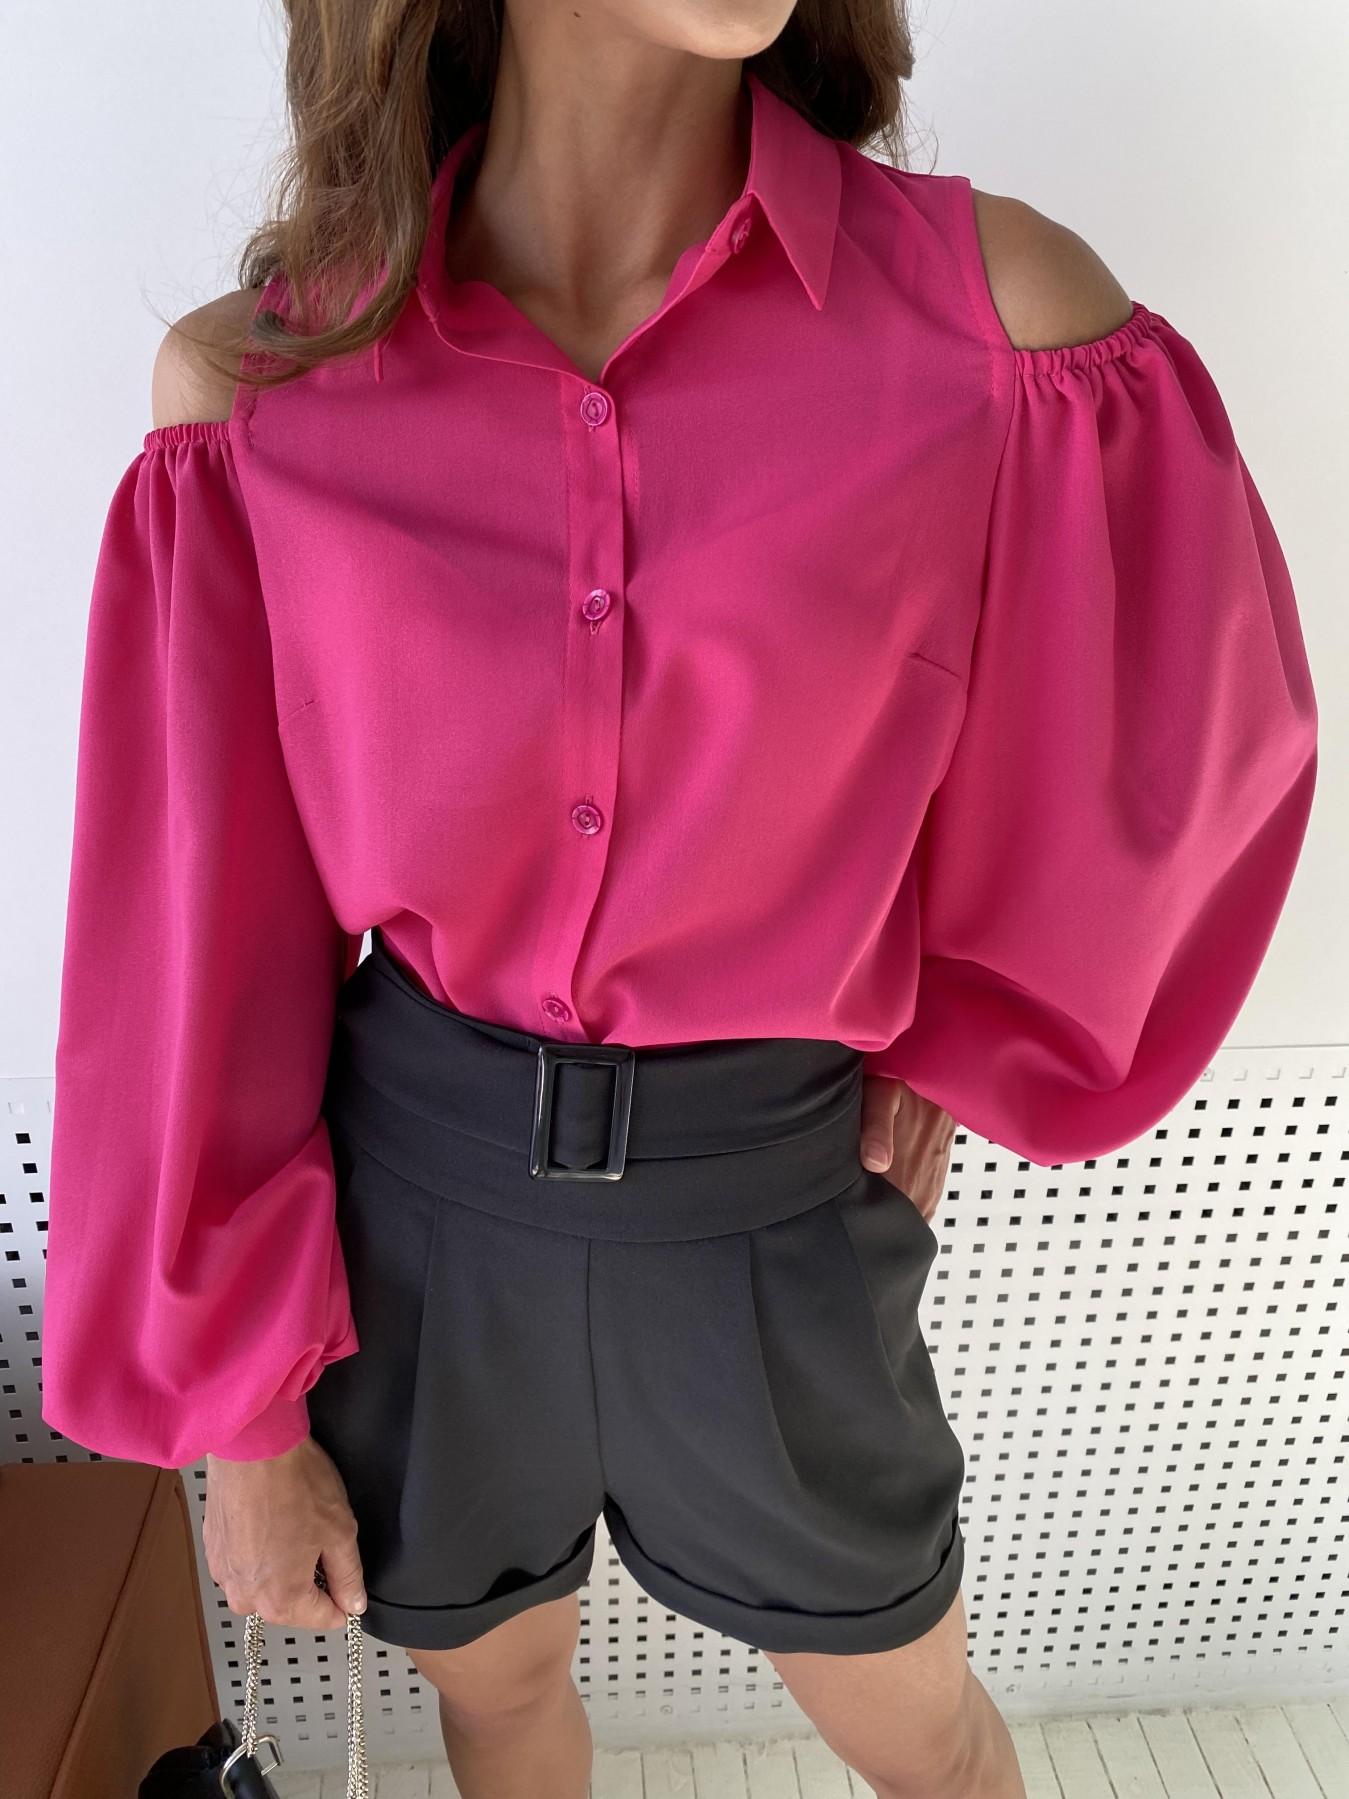 Адель блуза из креп креш шифона 11657 АРТ. 48372 Цвет: Малиновый - фото 6, интернет магазин tm-modus.ru